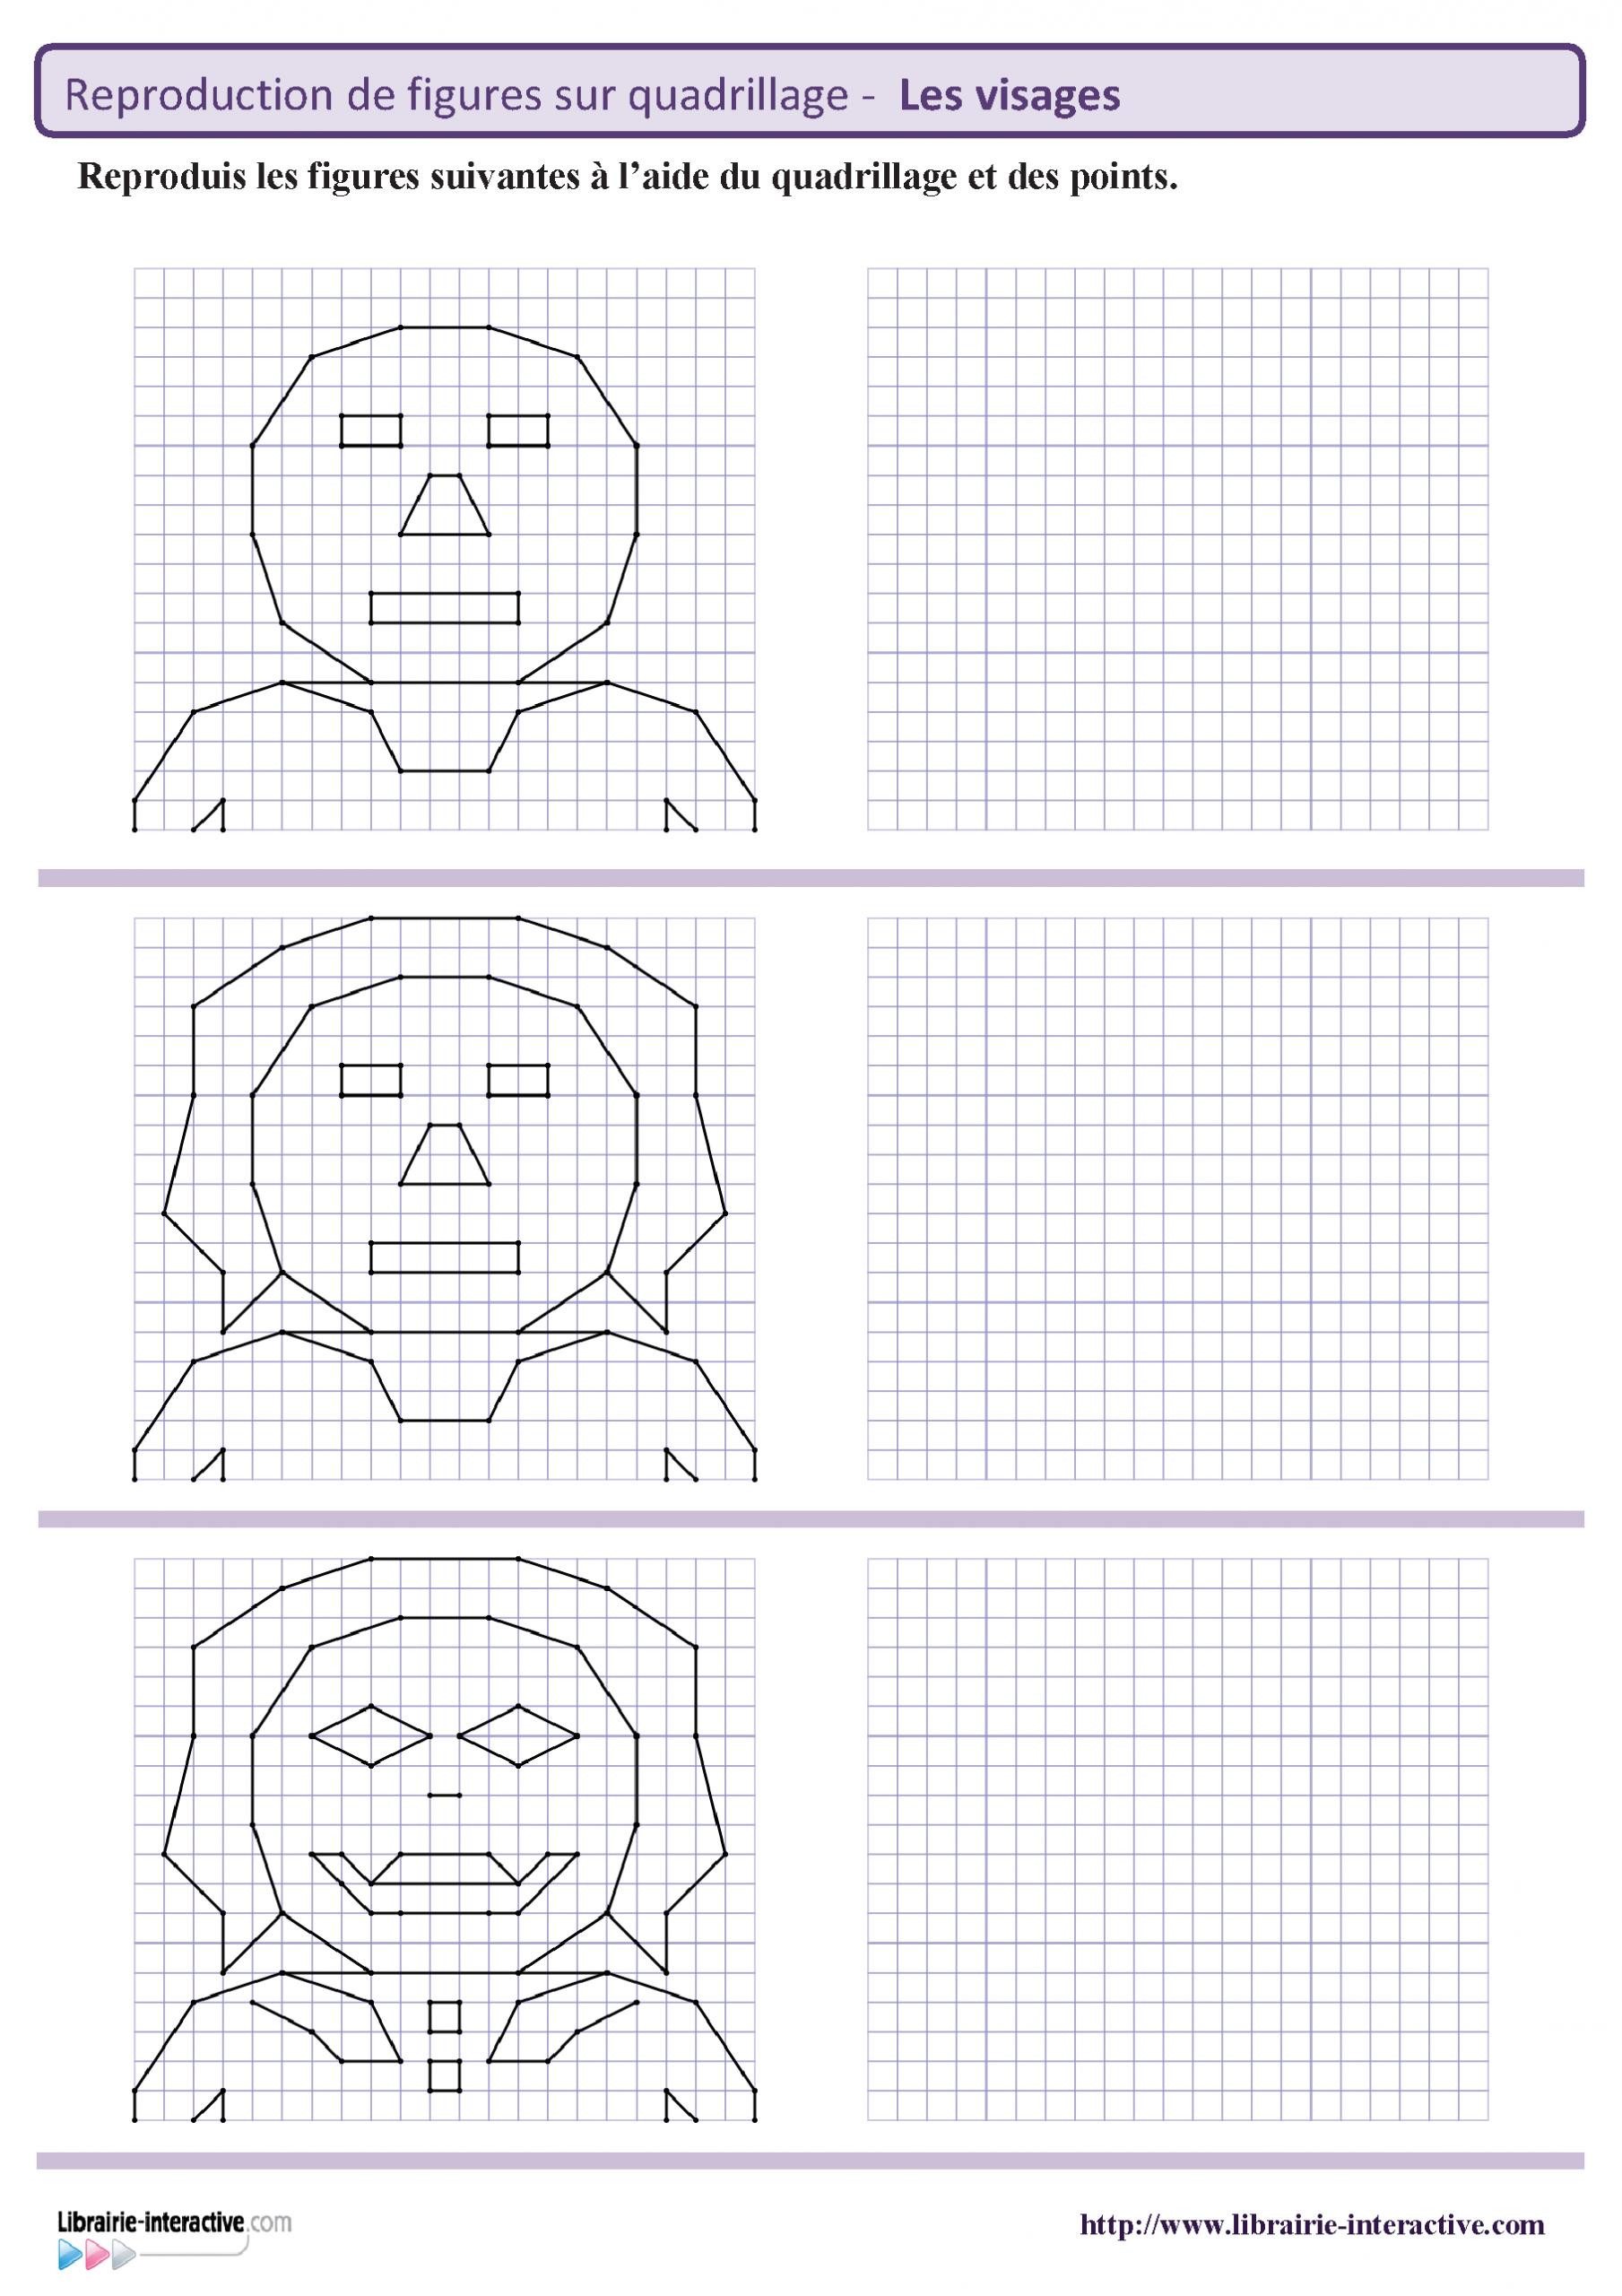 8 Fiches Avec Chacune 3 Visages À Reproduire Sur Quadrillage destiné Dessin Symétrique A Imprimer